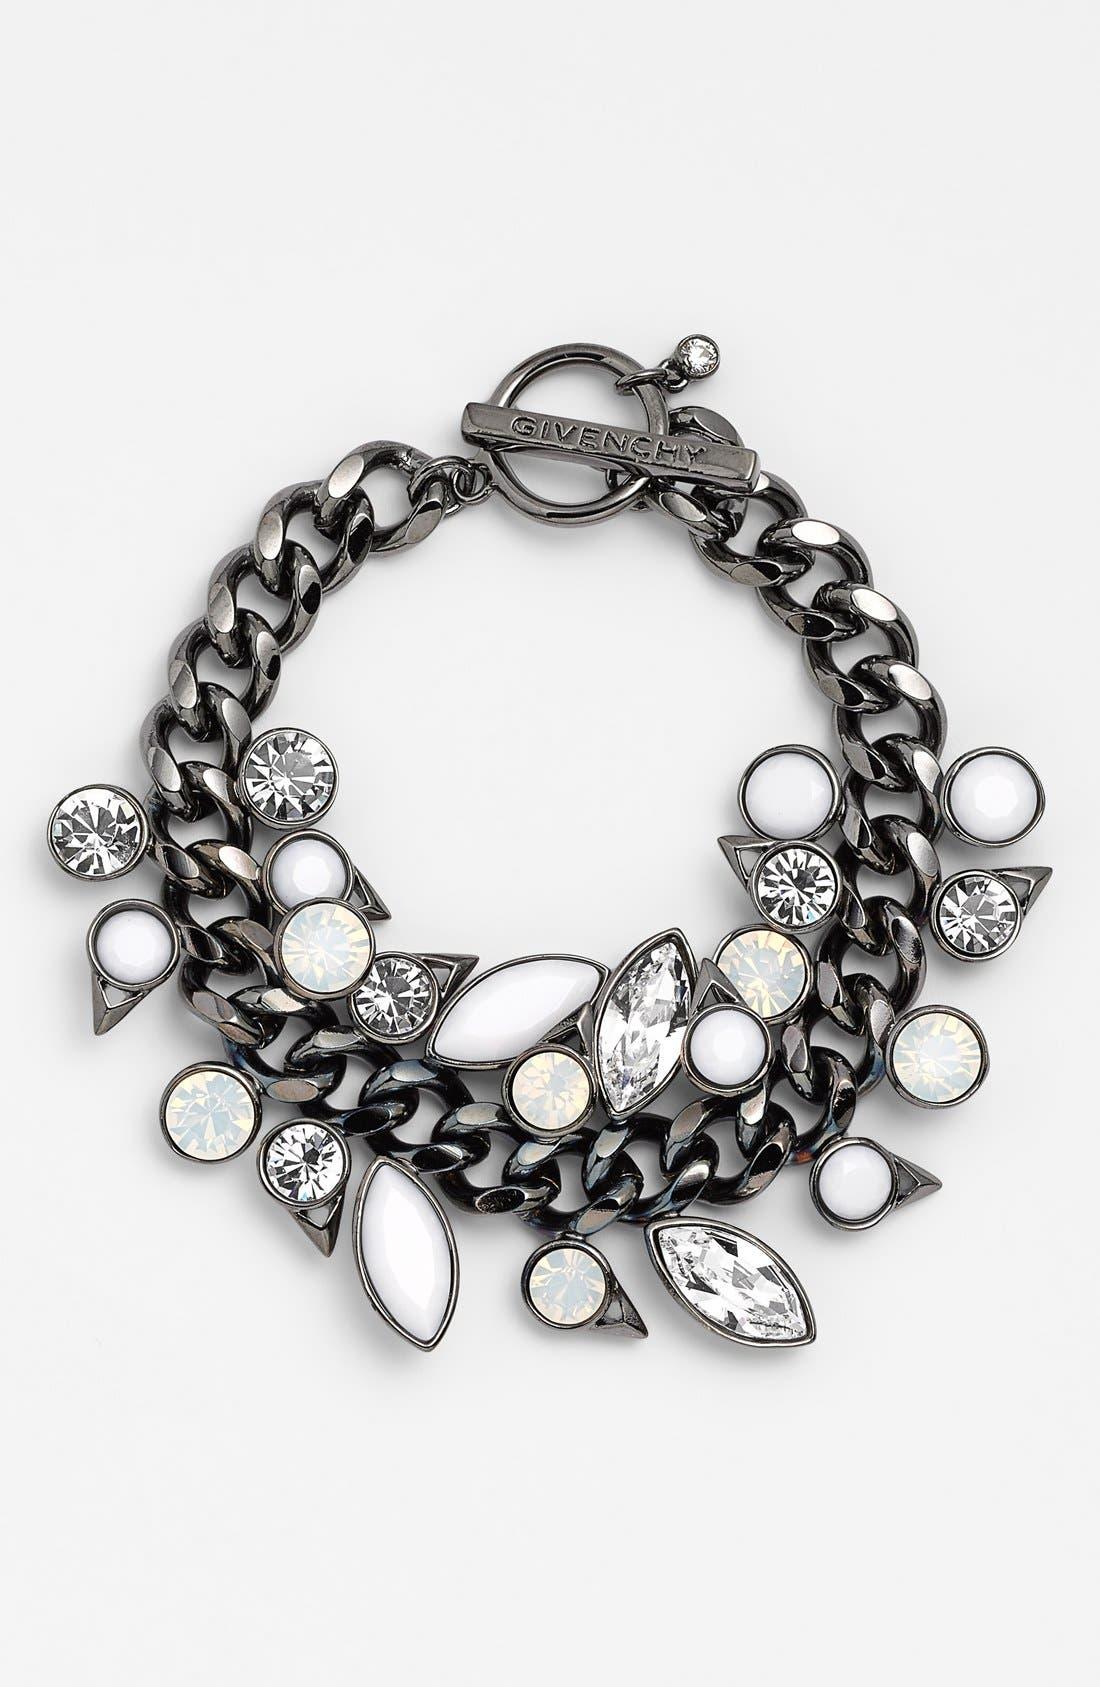 Main Image - Givenchy Toggle Bracelet